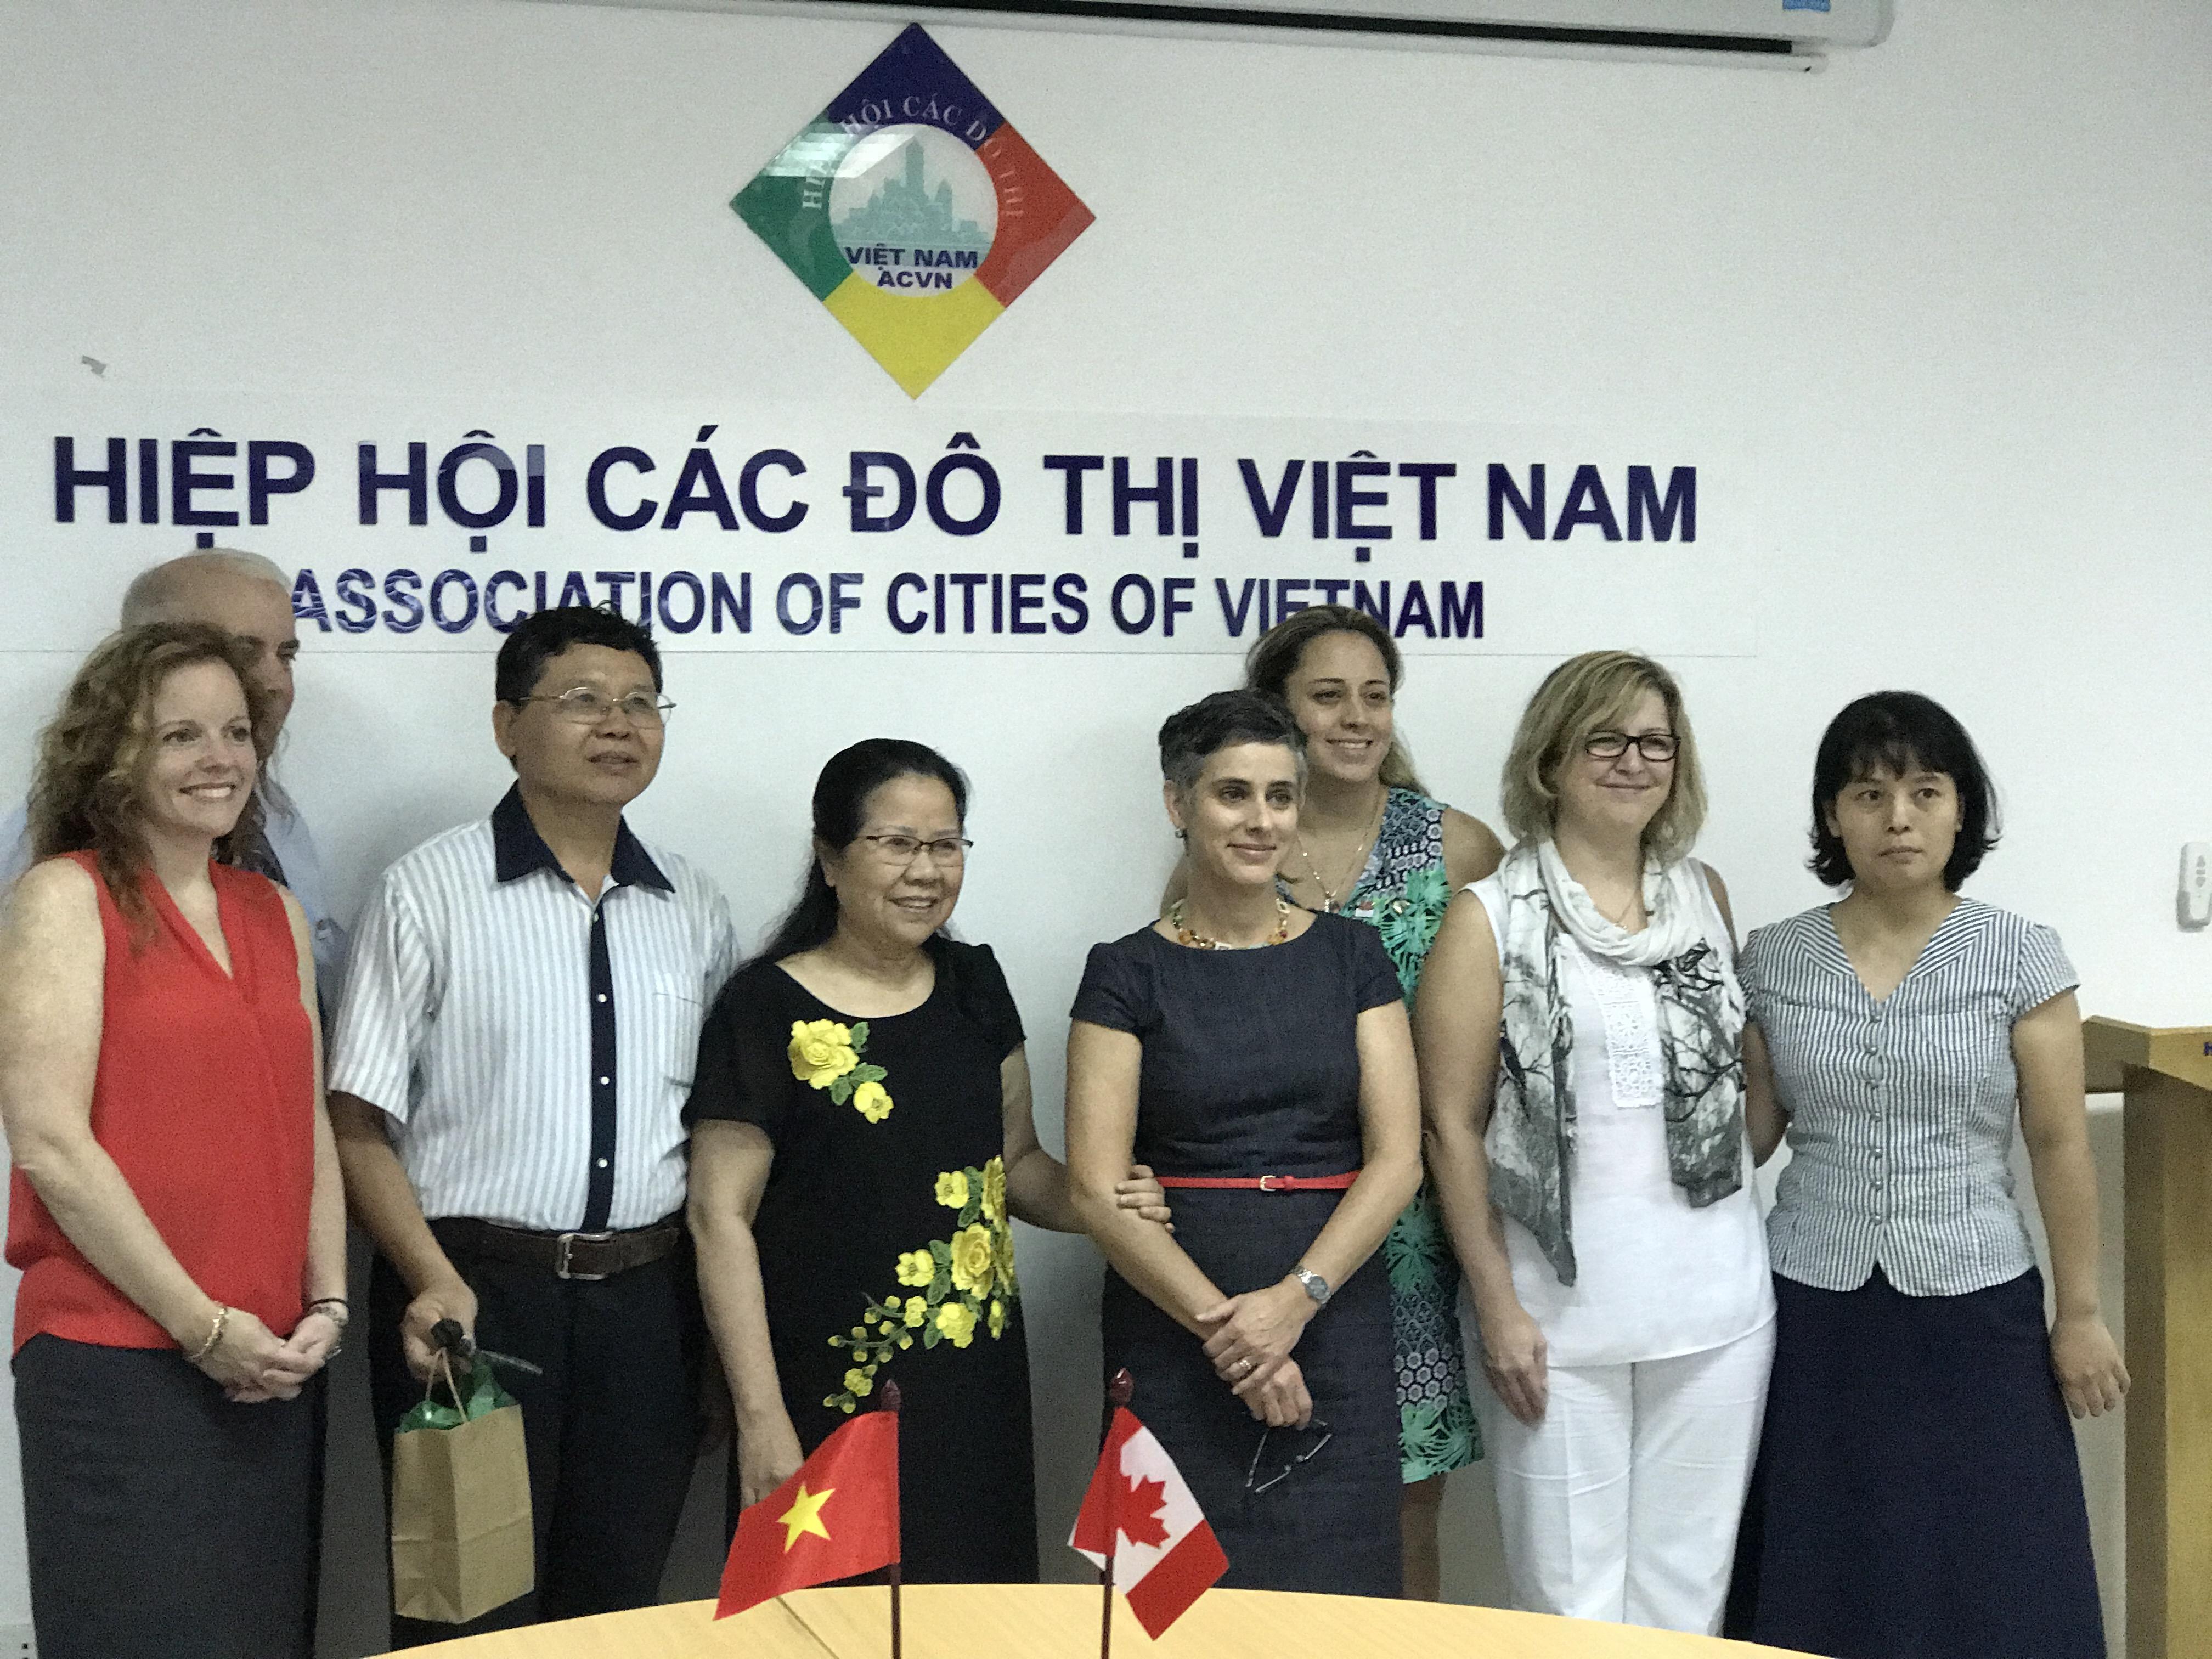 Hoạt động hỗ trợ nâng cao năng lực cho Hiệp hội các đô thị Việt Nam